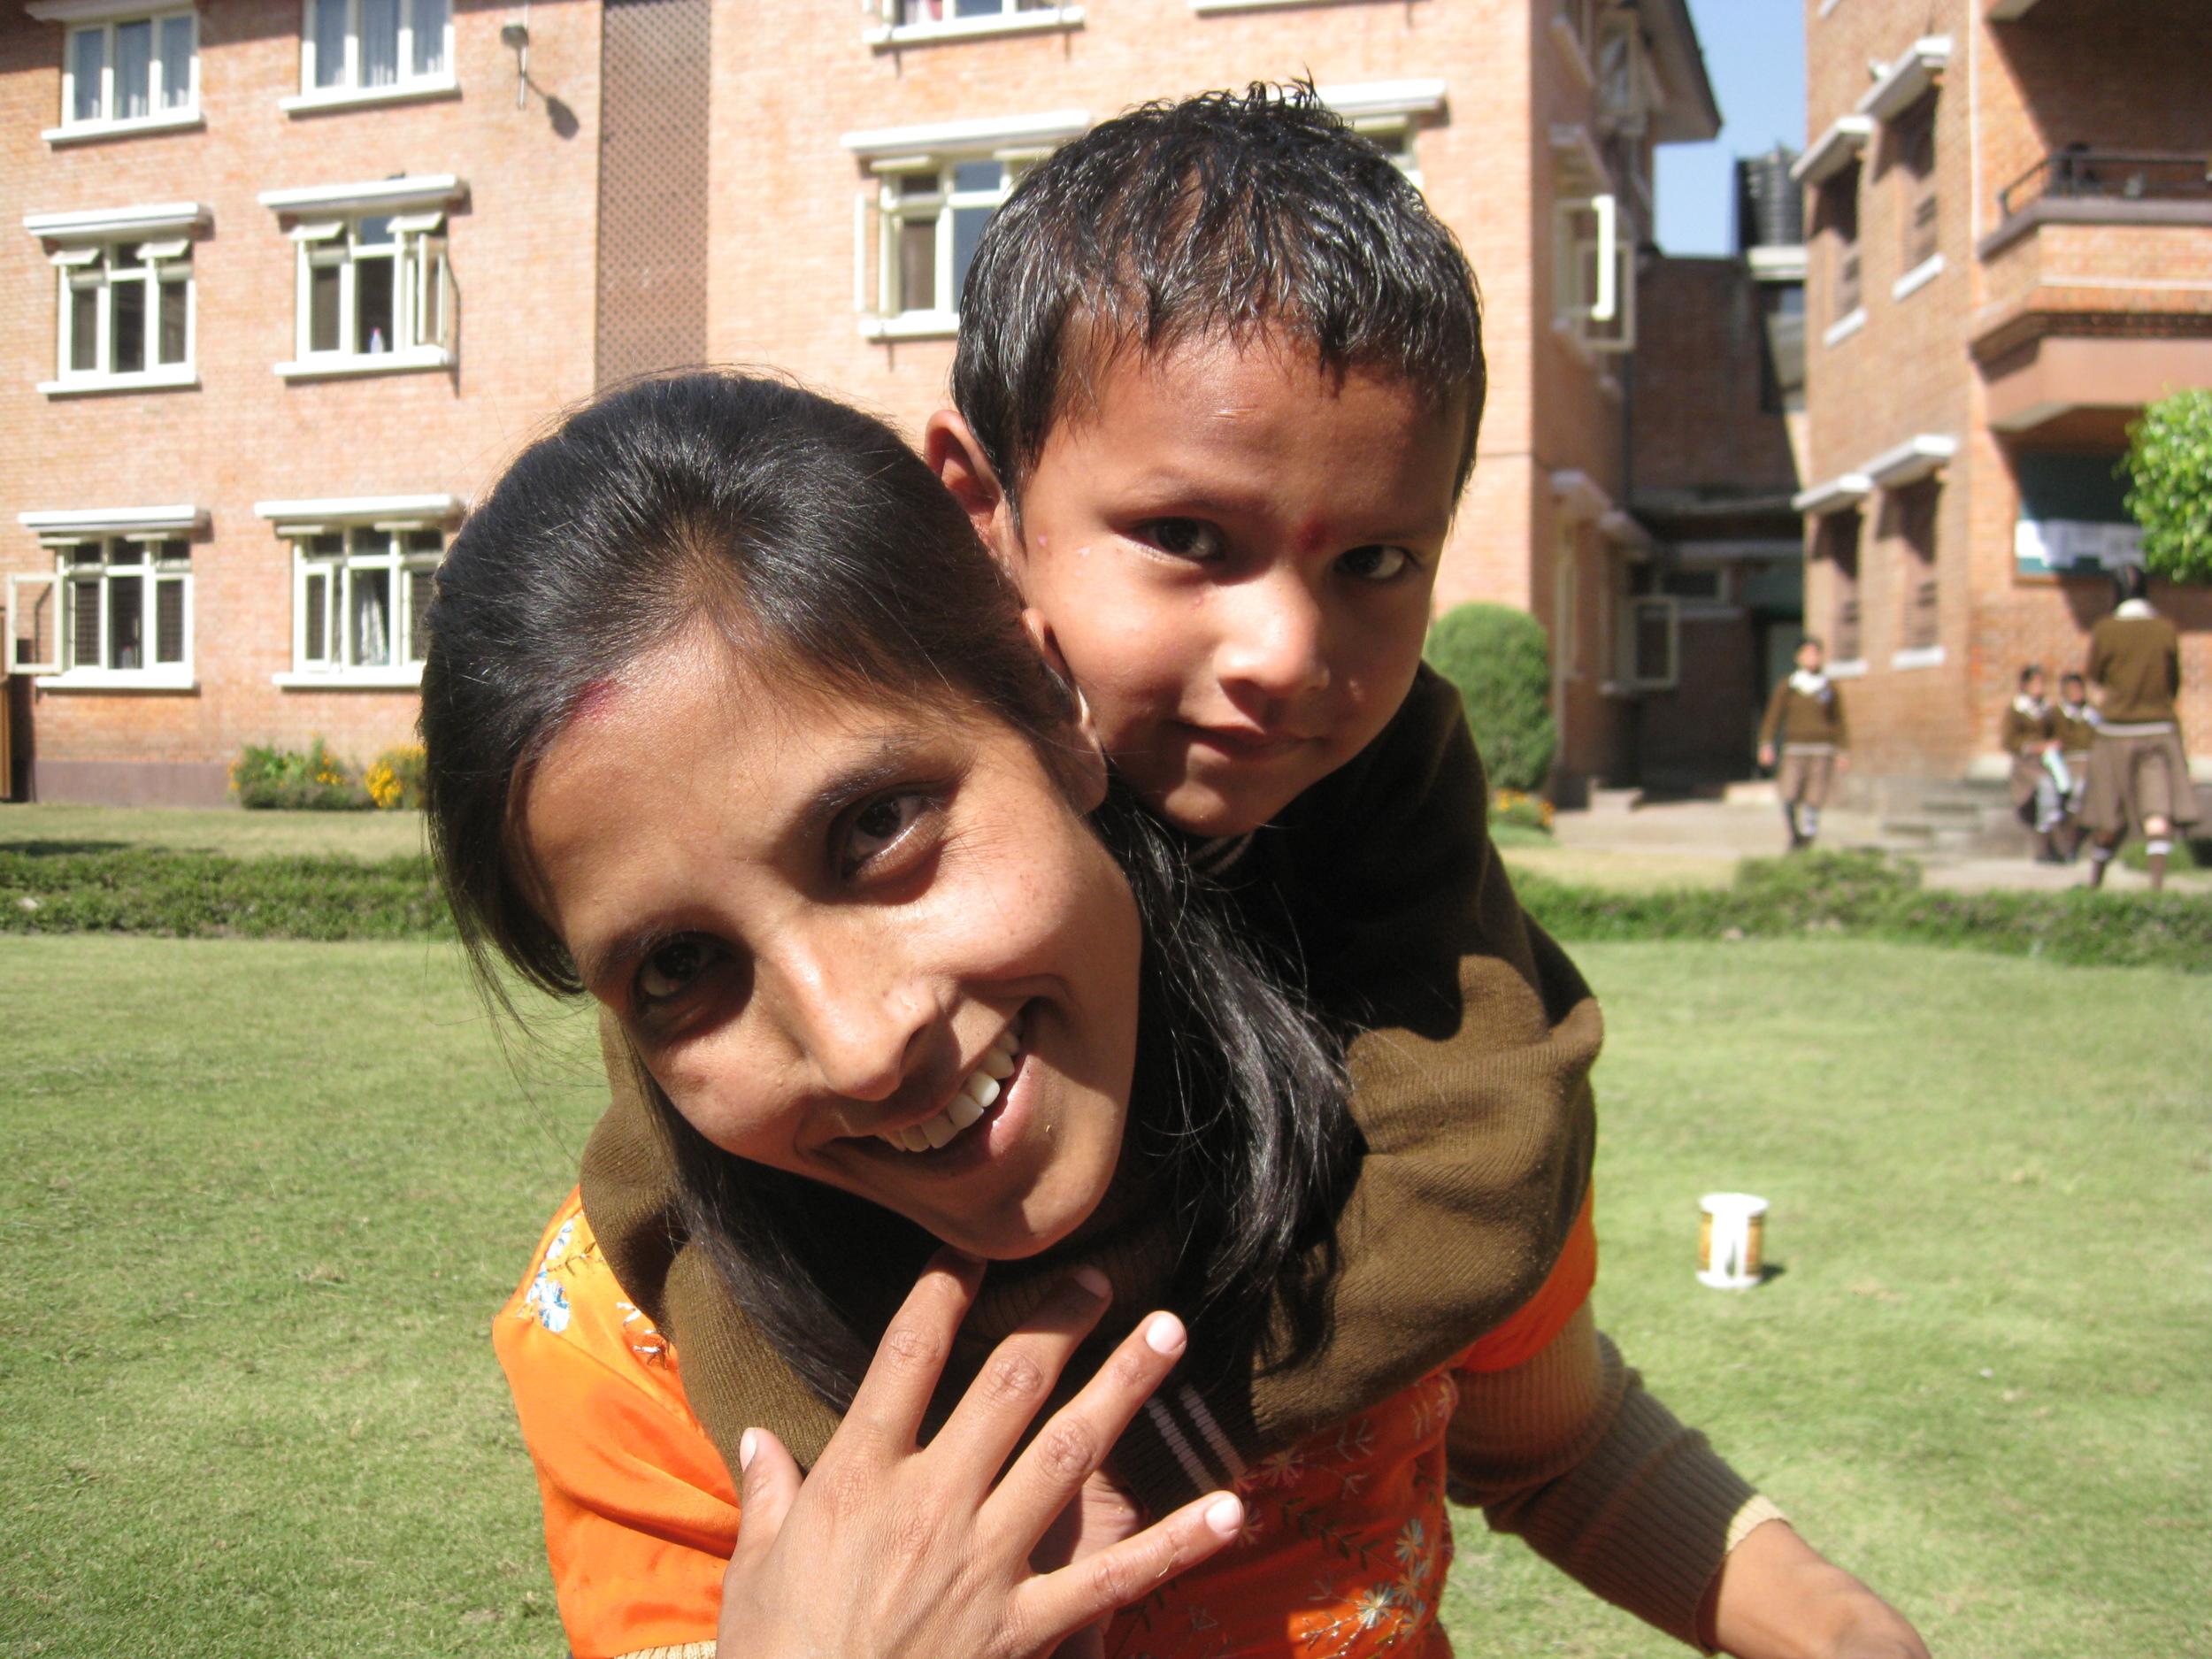 Radhika and her son